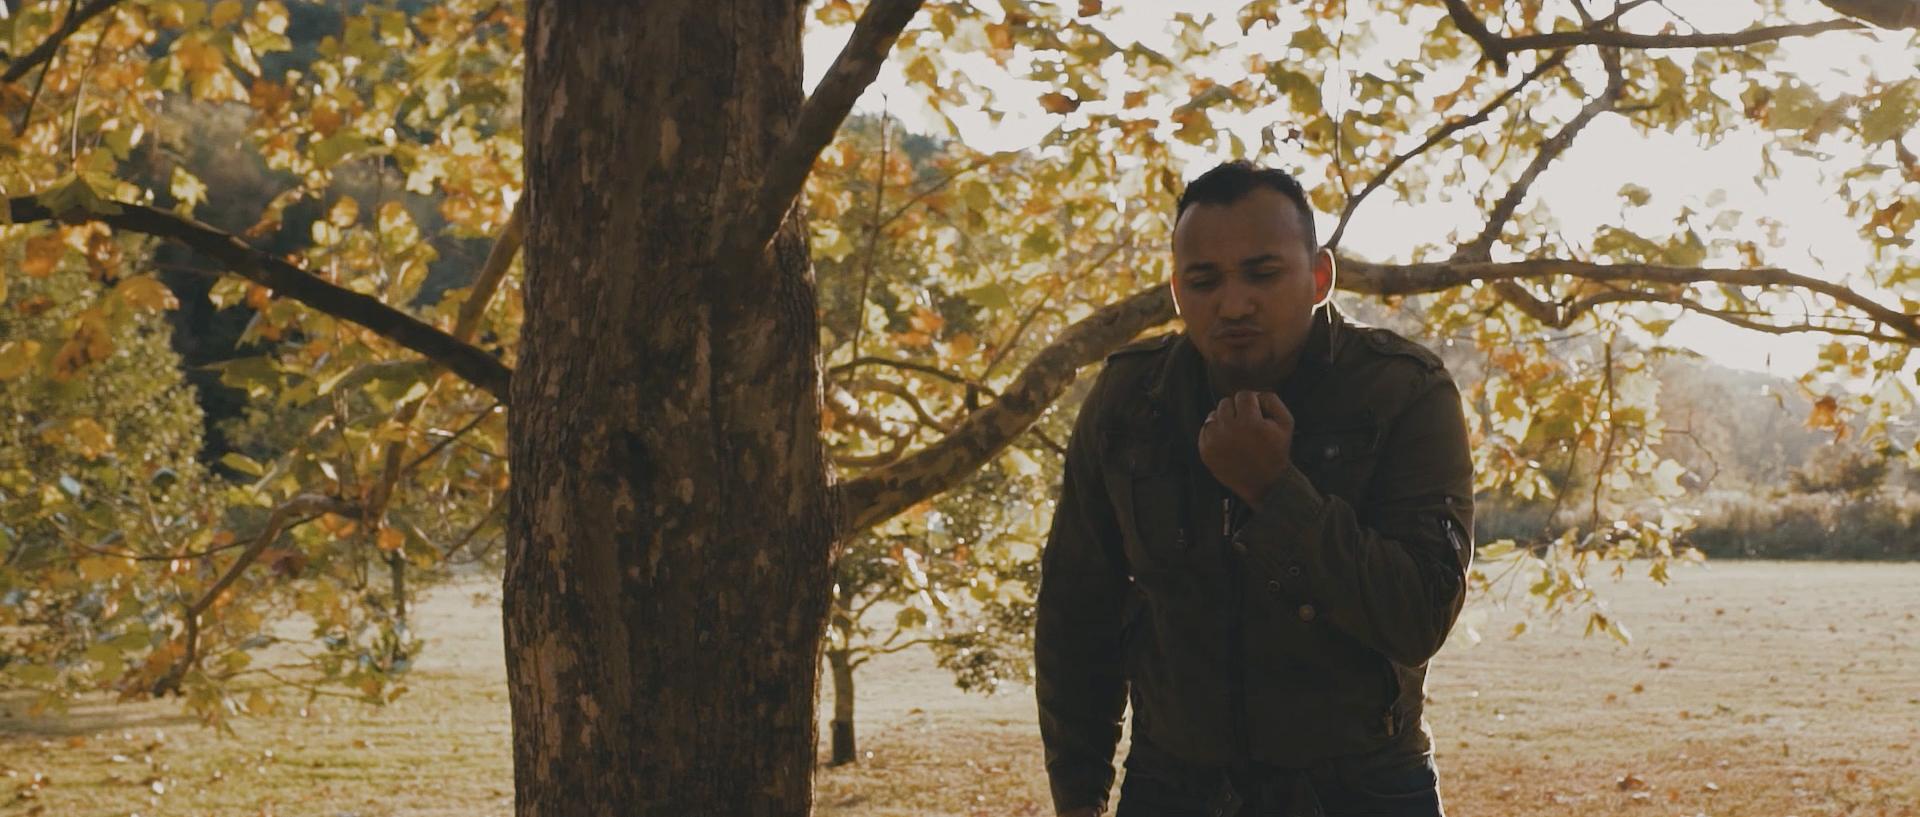 Stills - Cinema - Dp - Frame- Cinematographer - Miguel Bautista - Production - Filmmaking - Cine 019.jpg